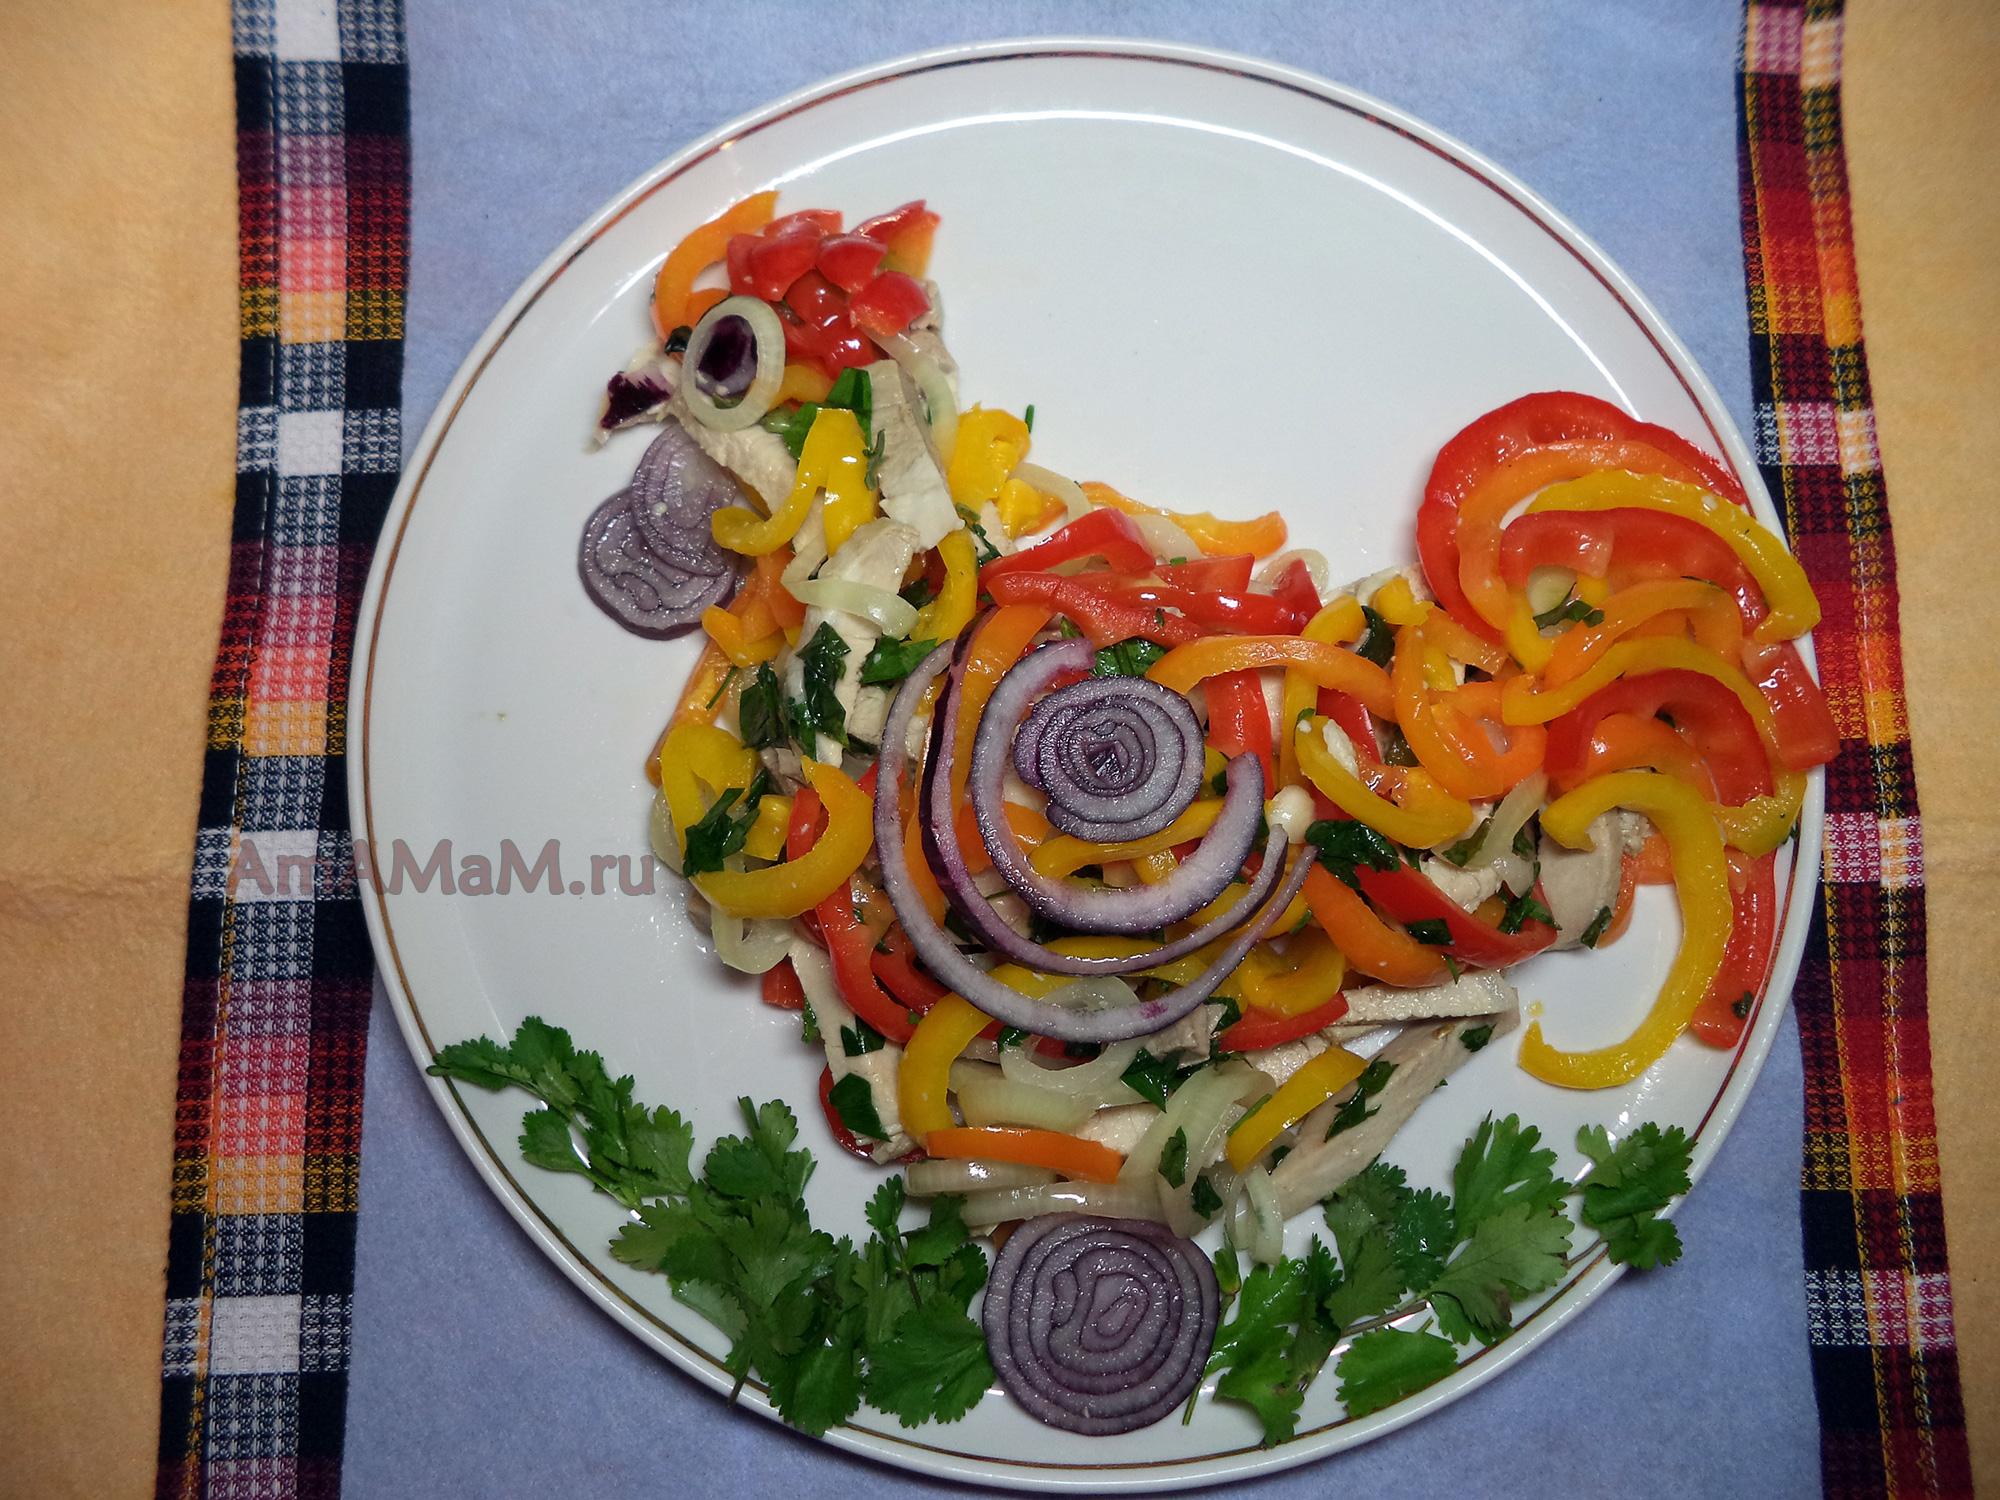 простые рецепты салата из красных помидор